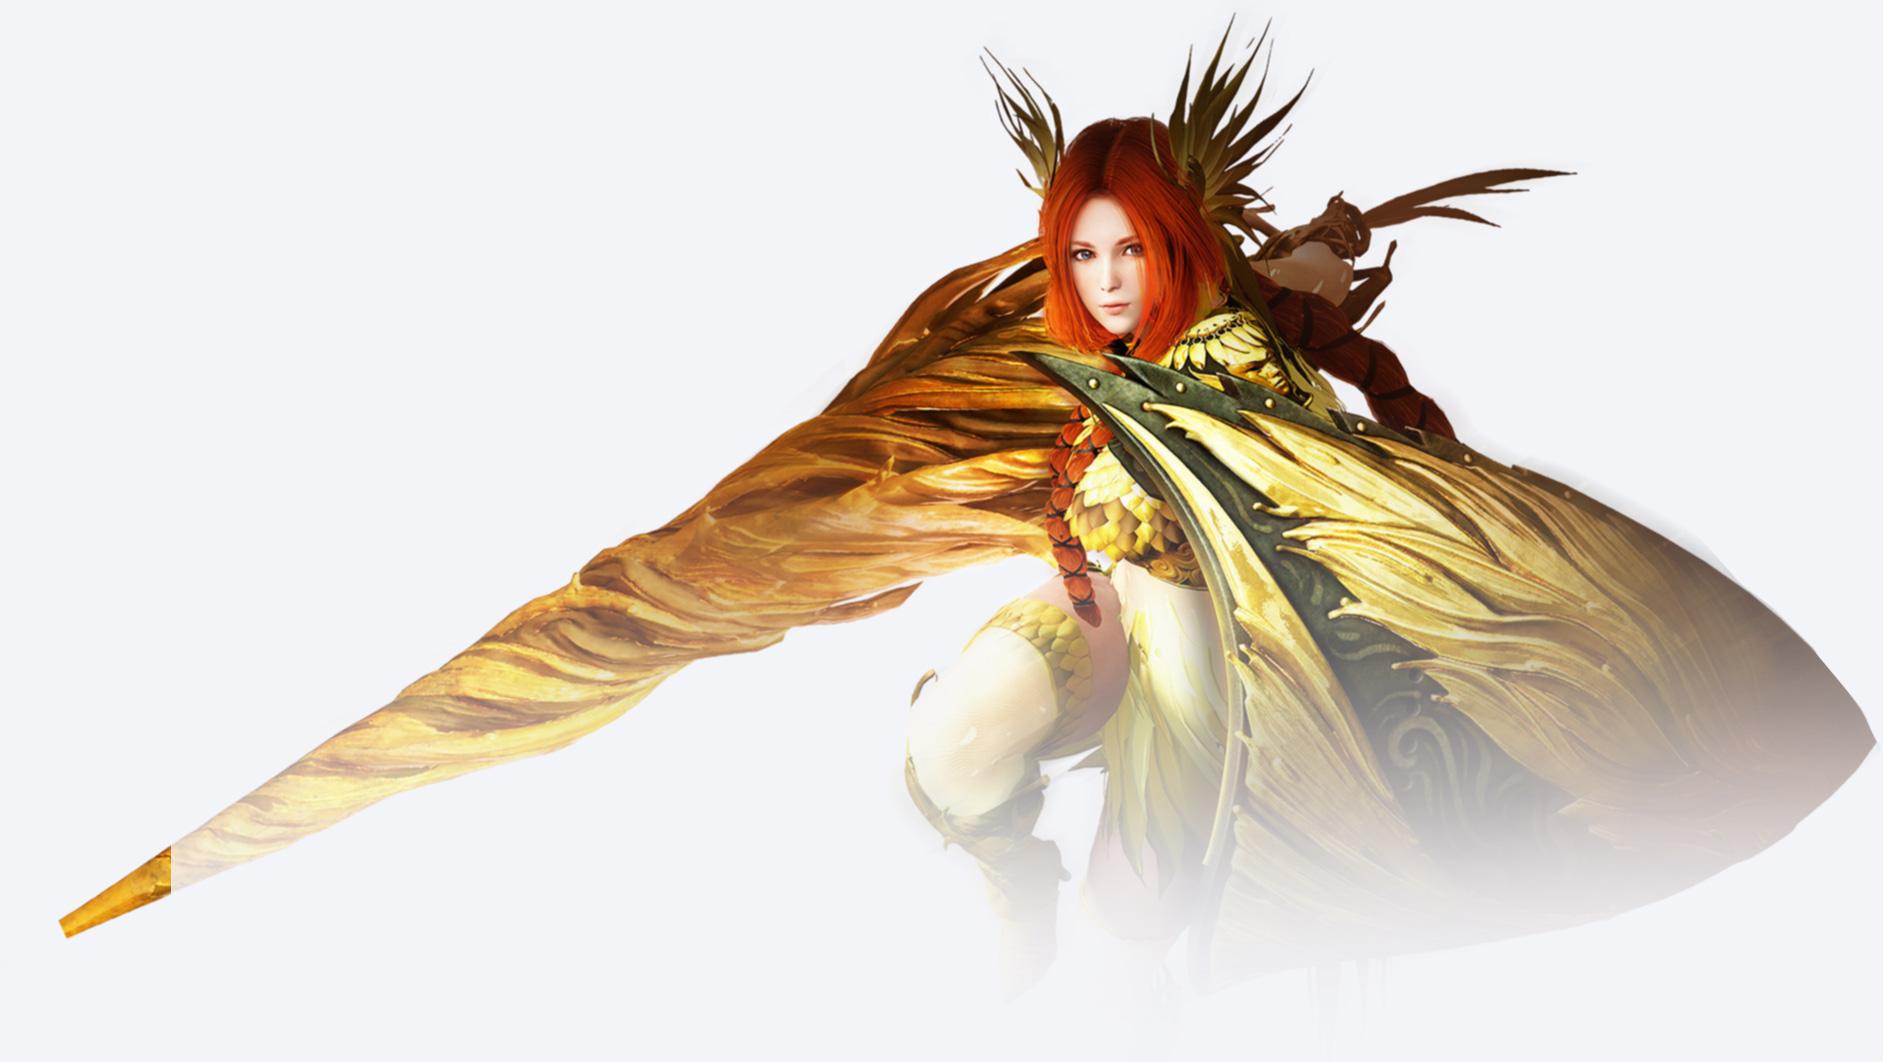 valkyrie awakening image